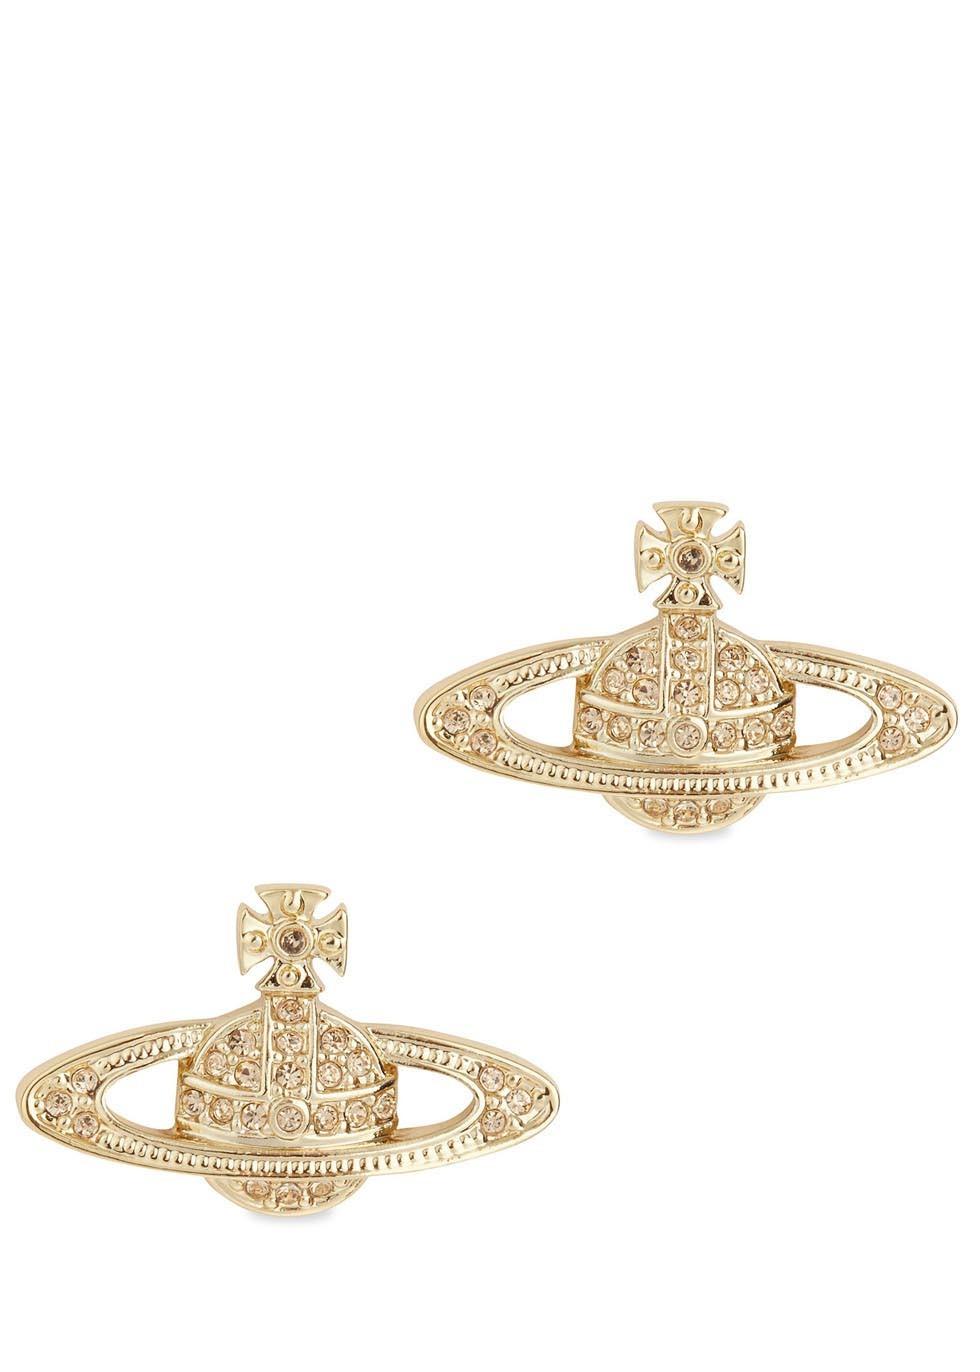 938d81895 Vivienne Westwood Gold Tone Swarovski Crystal Orb Earrings in ...